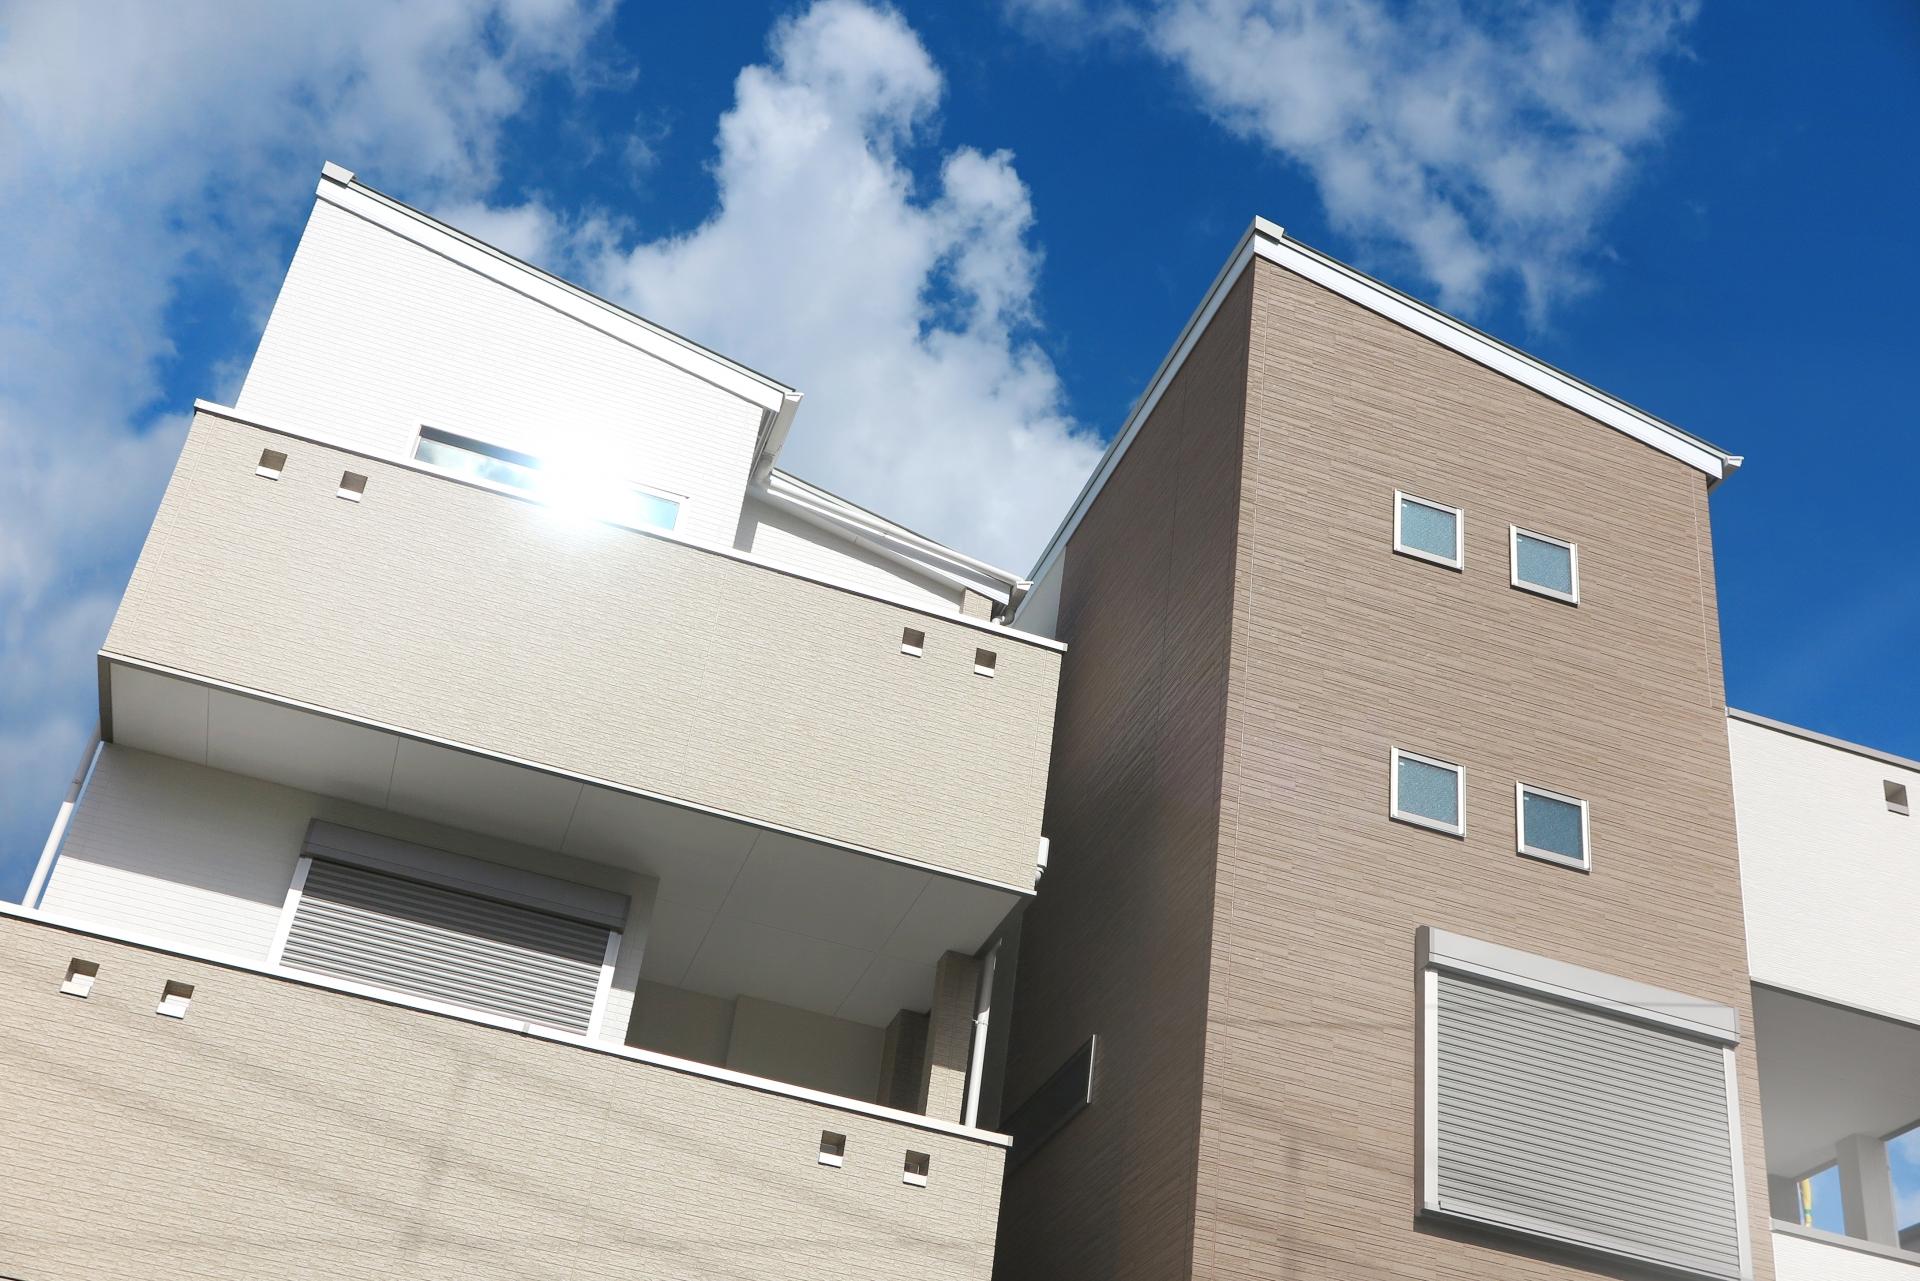 3階建ては必然的に2階リビングとなり、避けたい間取りの代表例